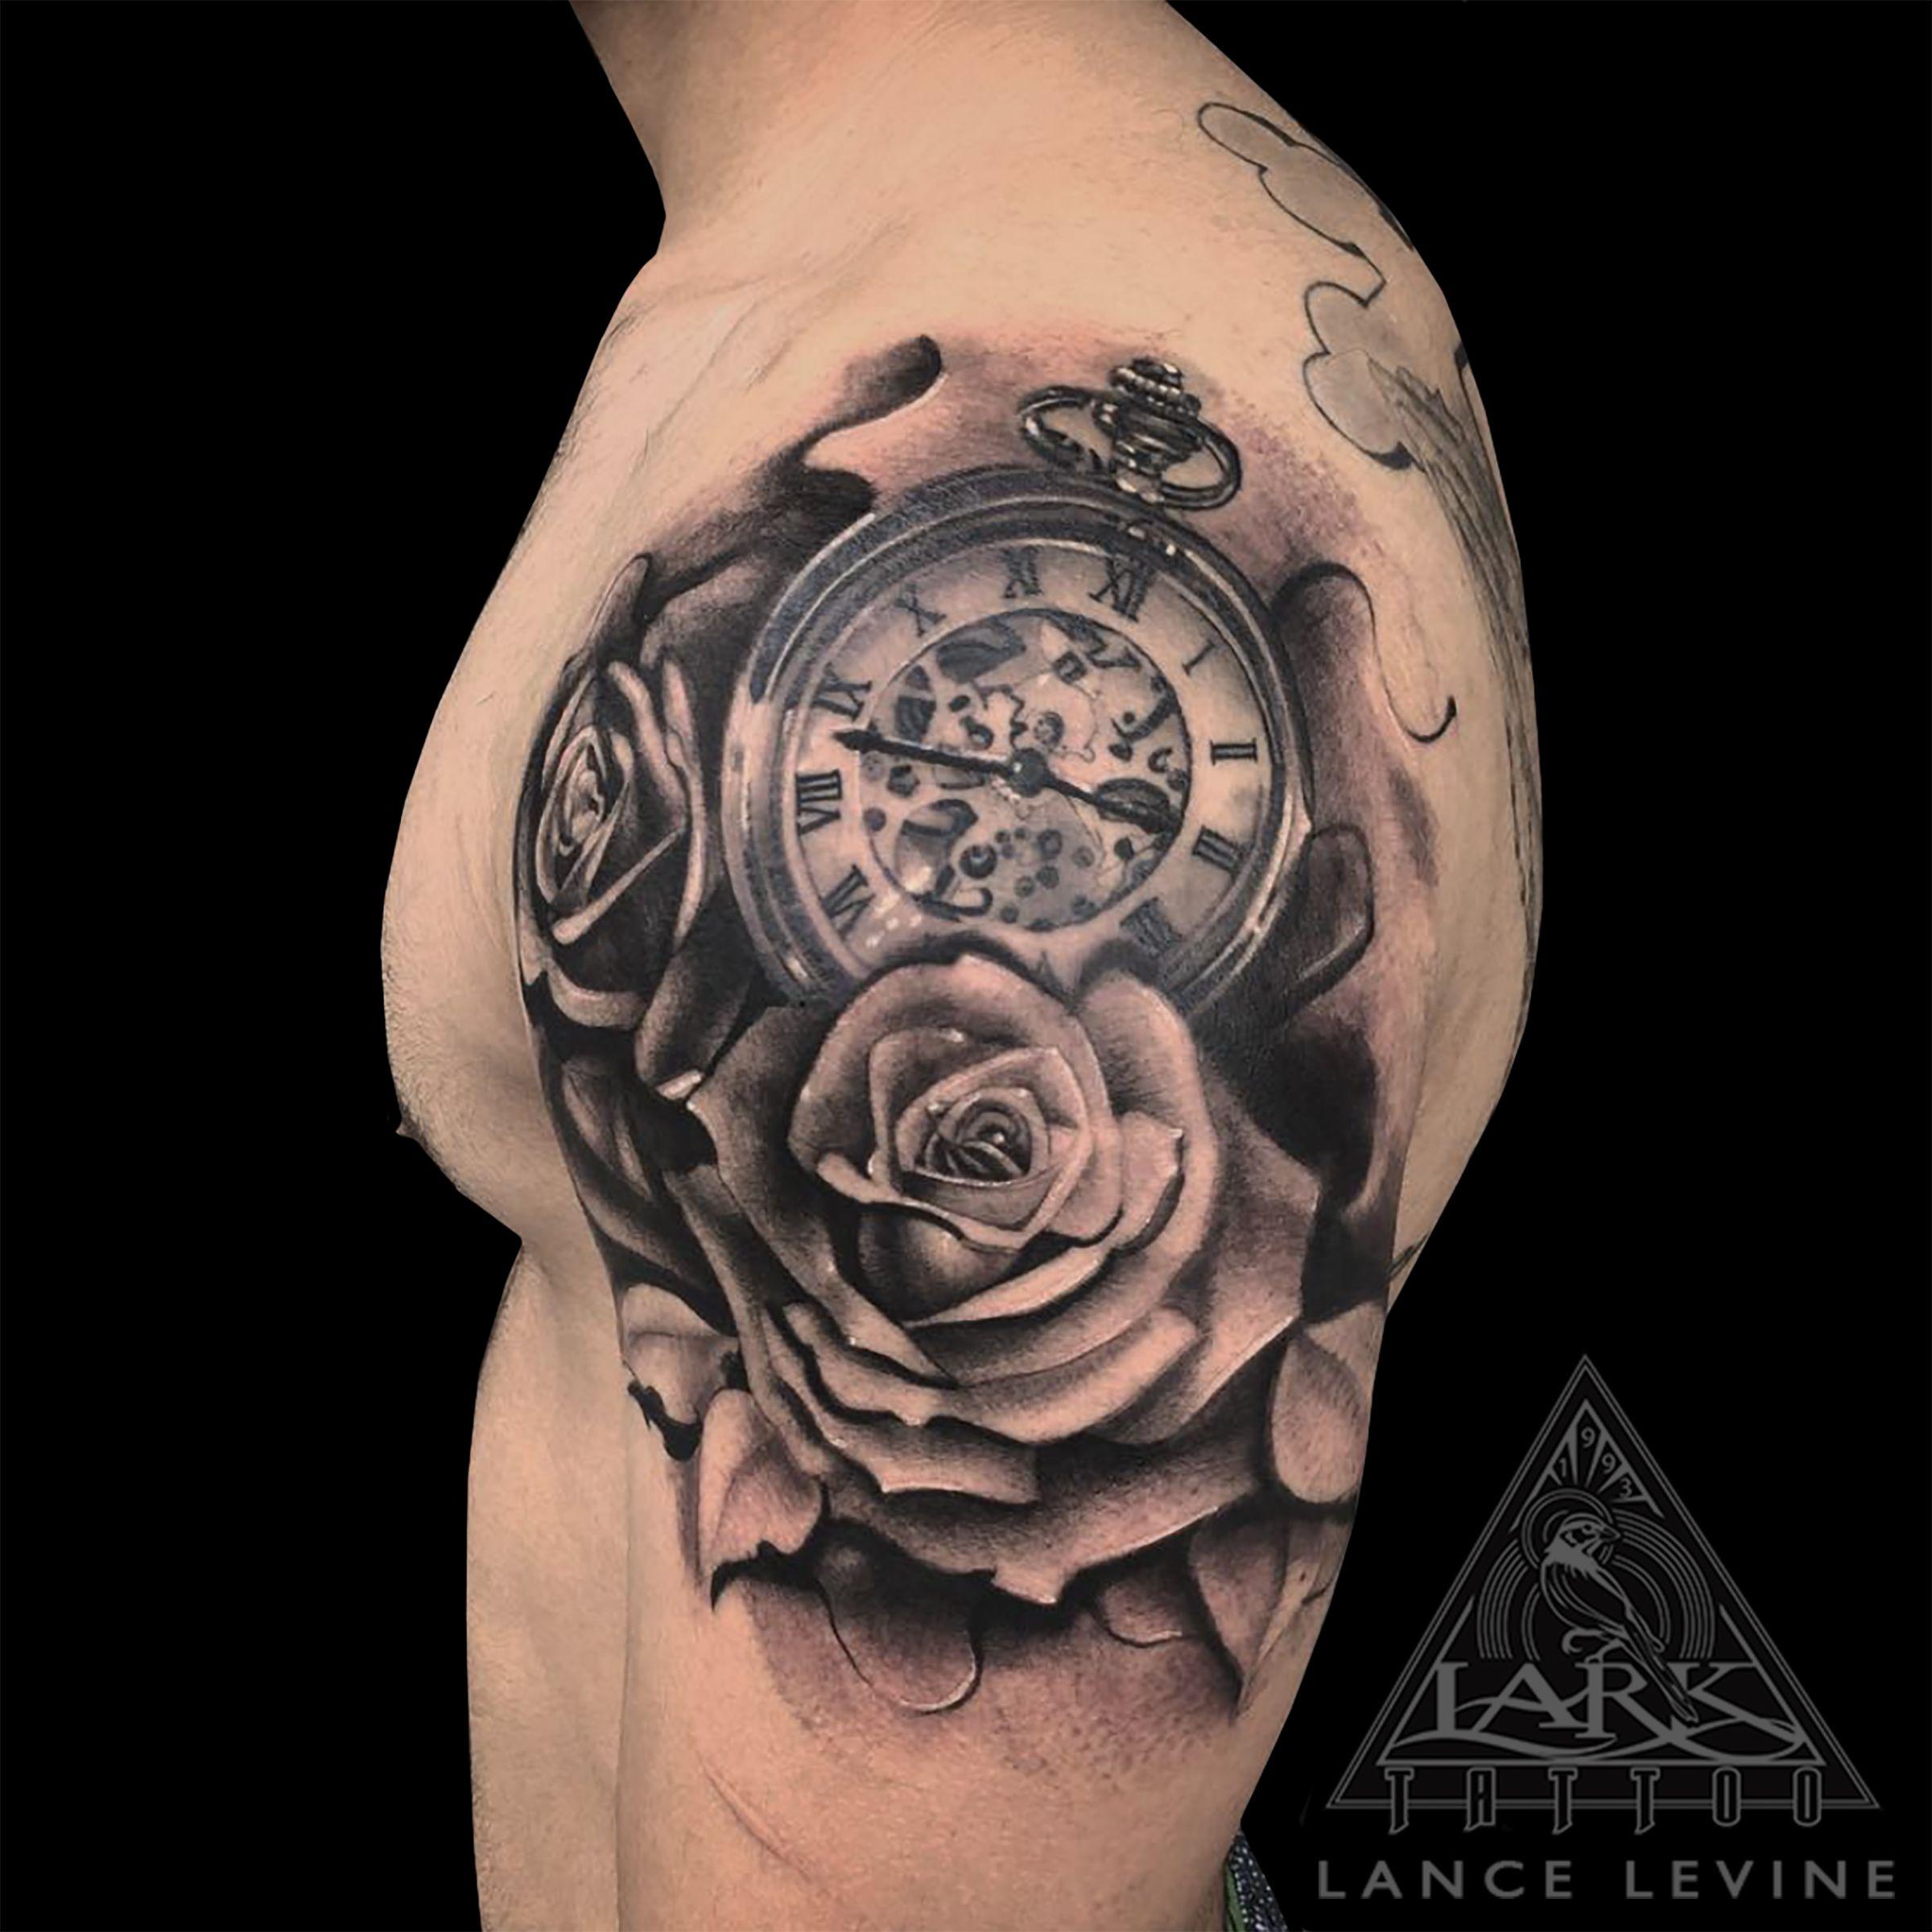 Lance Levine Mens Shoulder Tattoo Rose Tattoos For Men Tattoo Designs Men